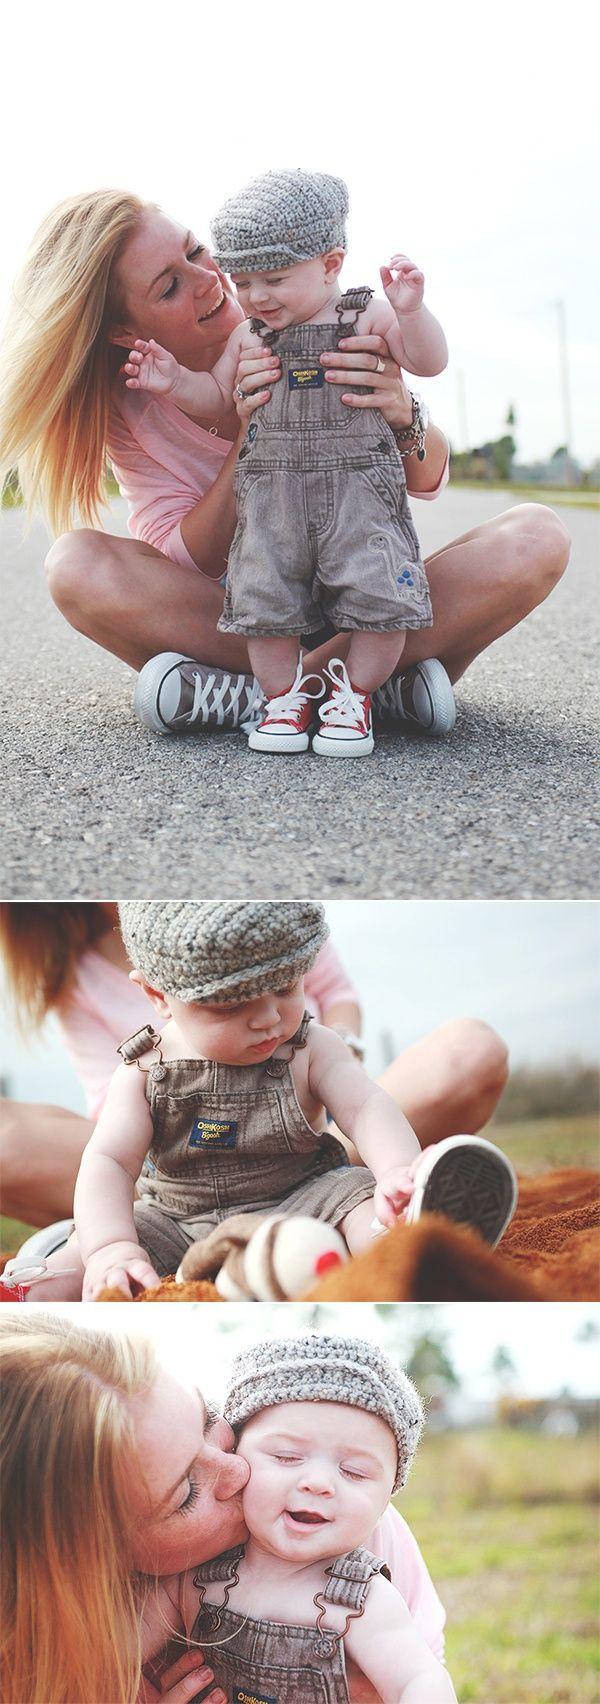 Baby Photos Photo Shoot Ideas Pinterest Baby Photos